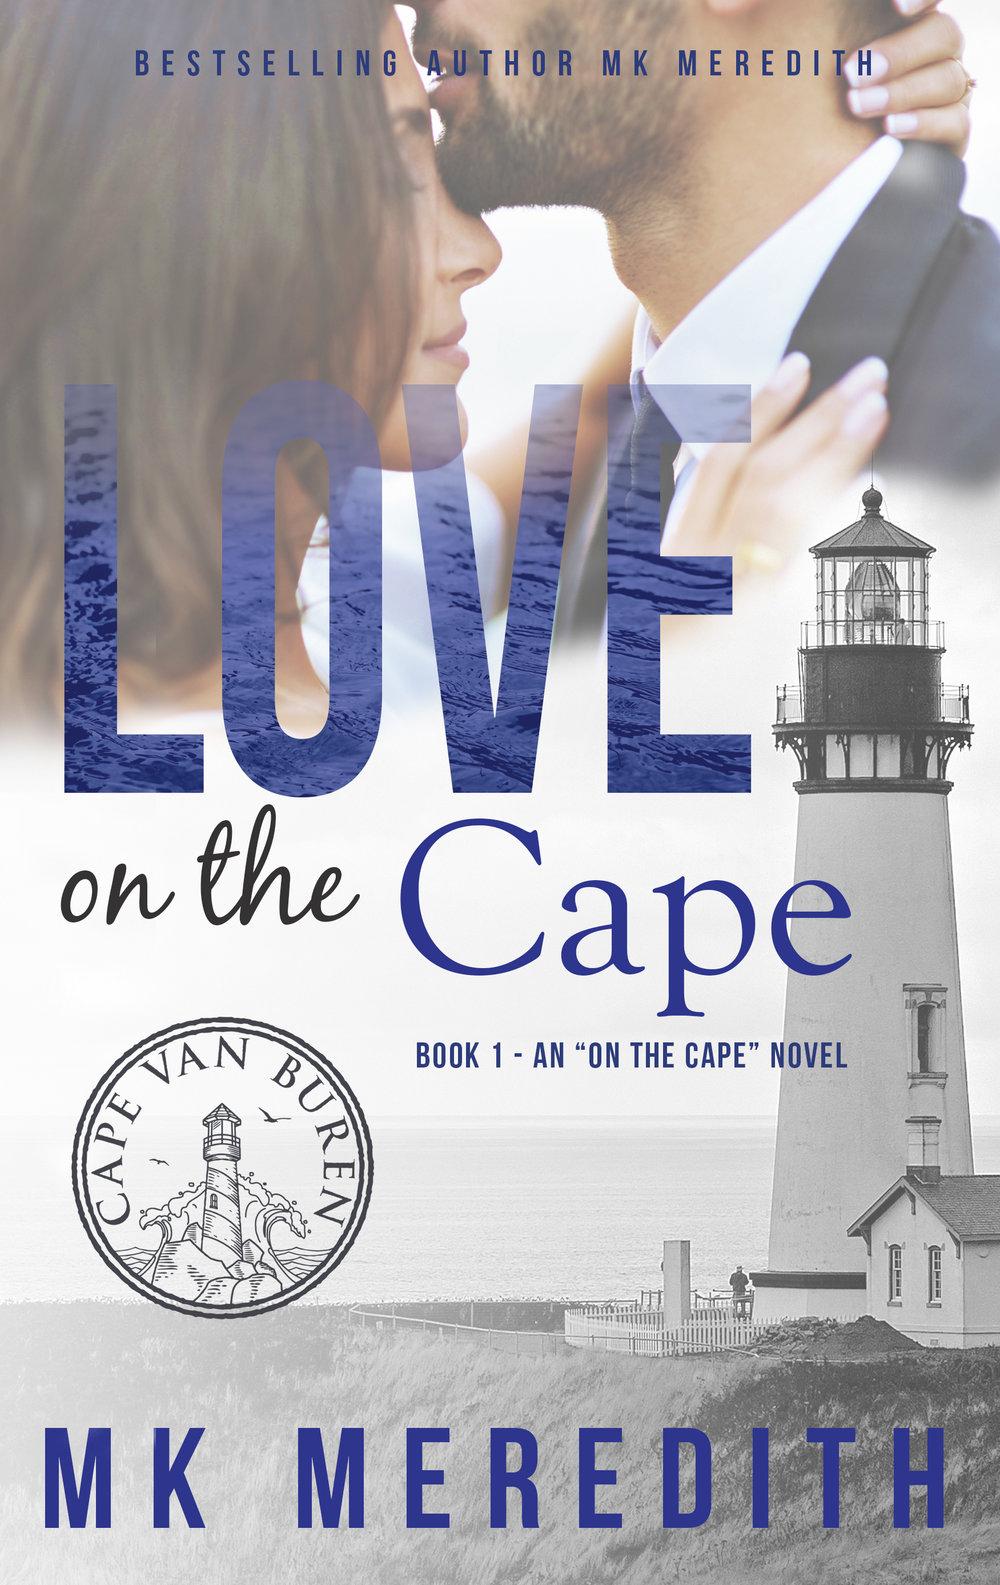 MK Meredith Love on the Cape - Kindle.jpg